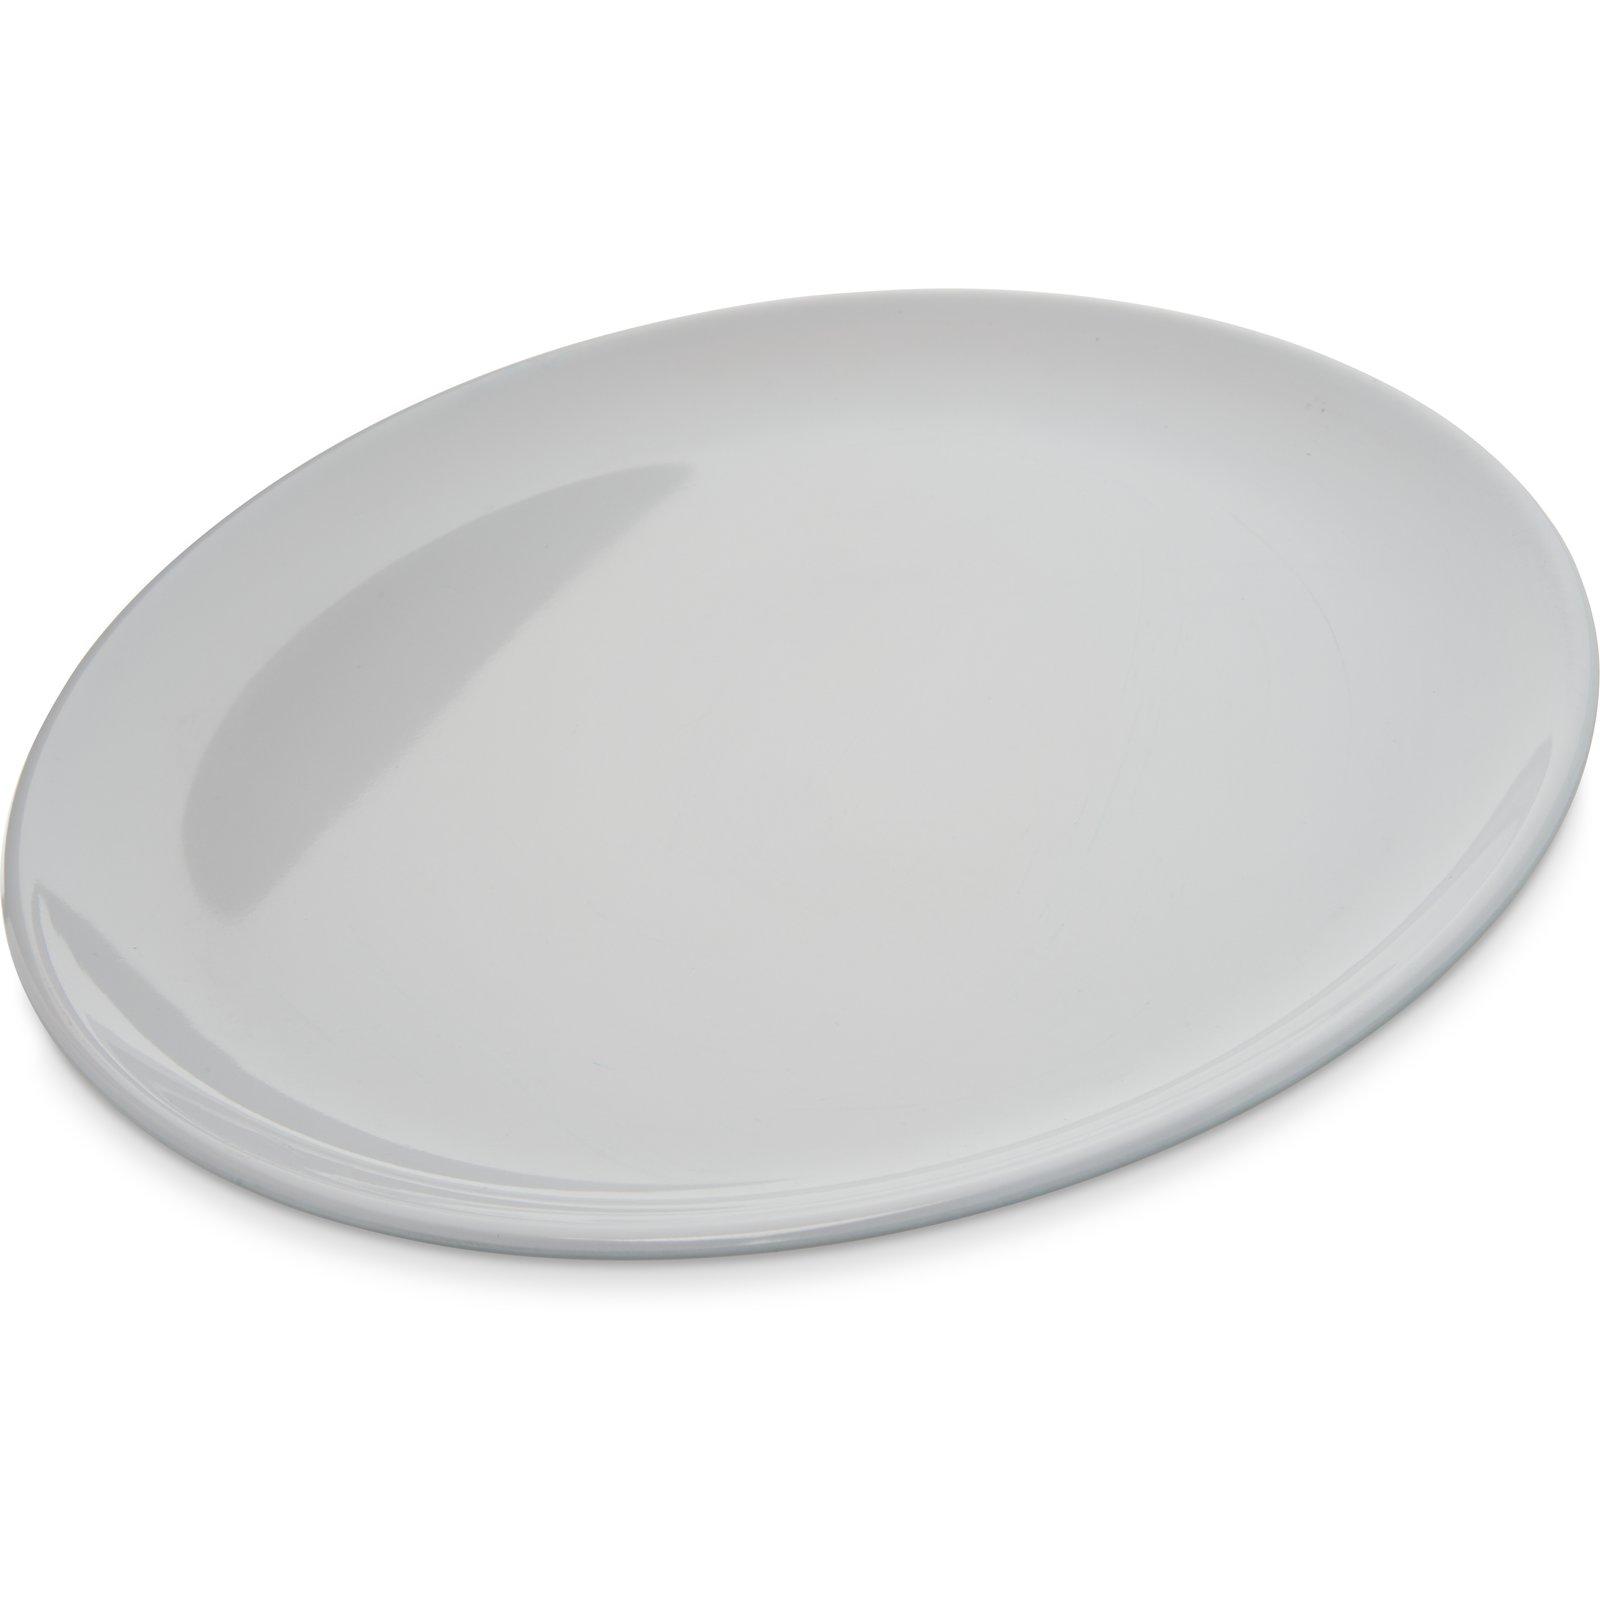 4380102 - Epicure® Melamine Dinner Plate 10  - White  sc 1 st  Carlisle FoodService Products & 4380102 - Epicure® Melamine Dinner Plate 10